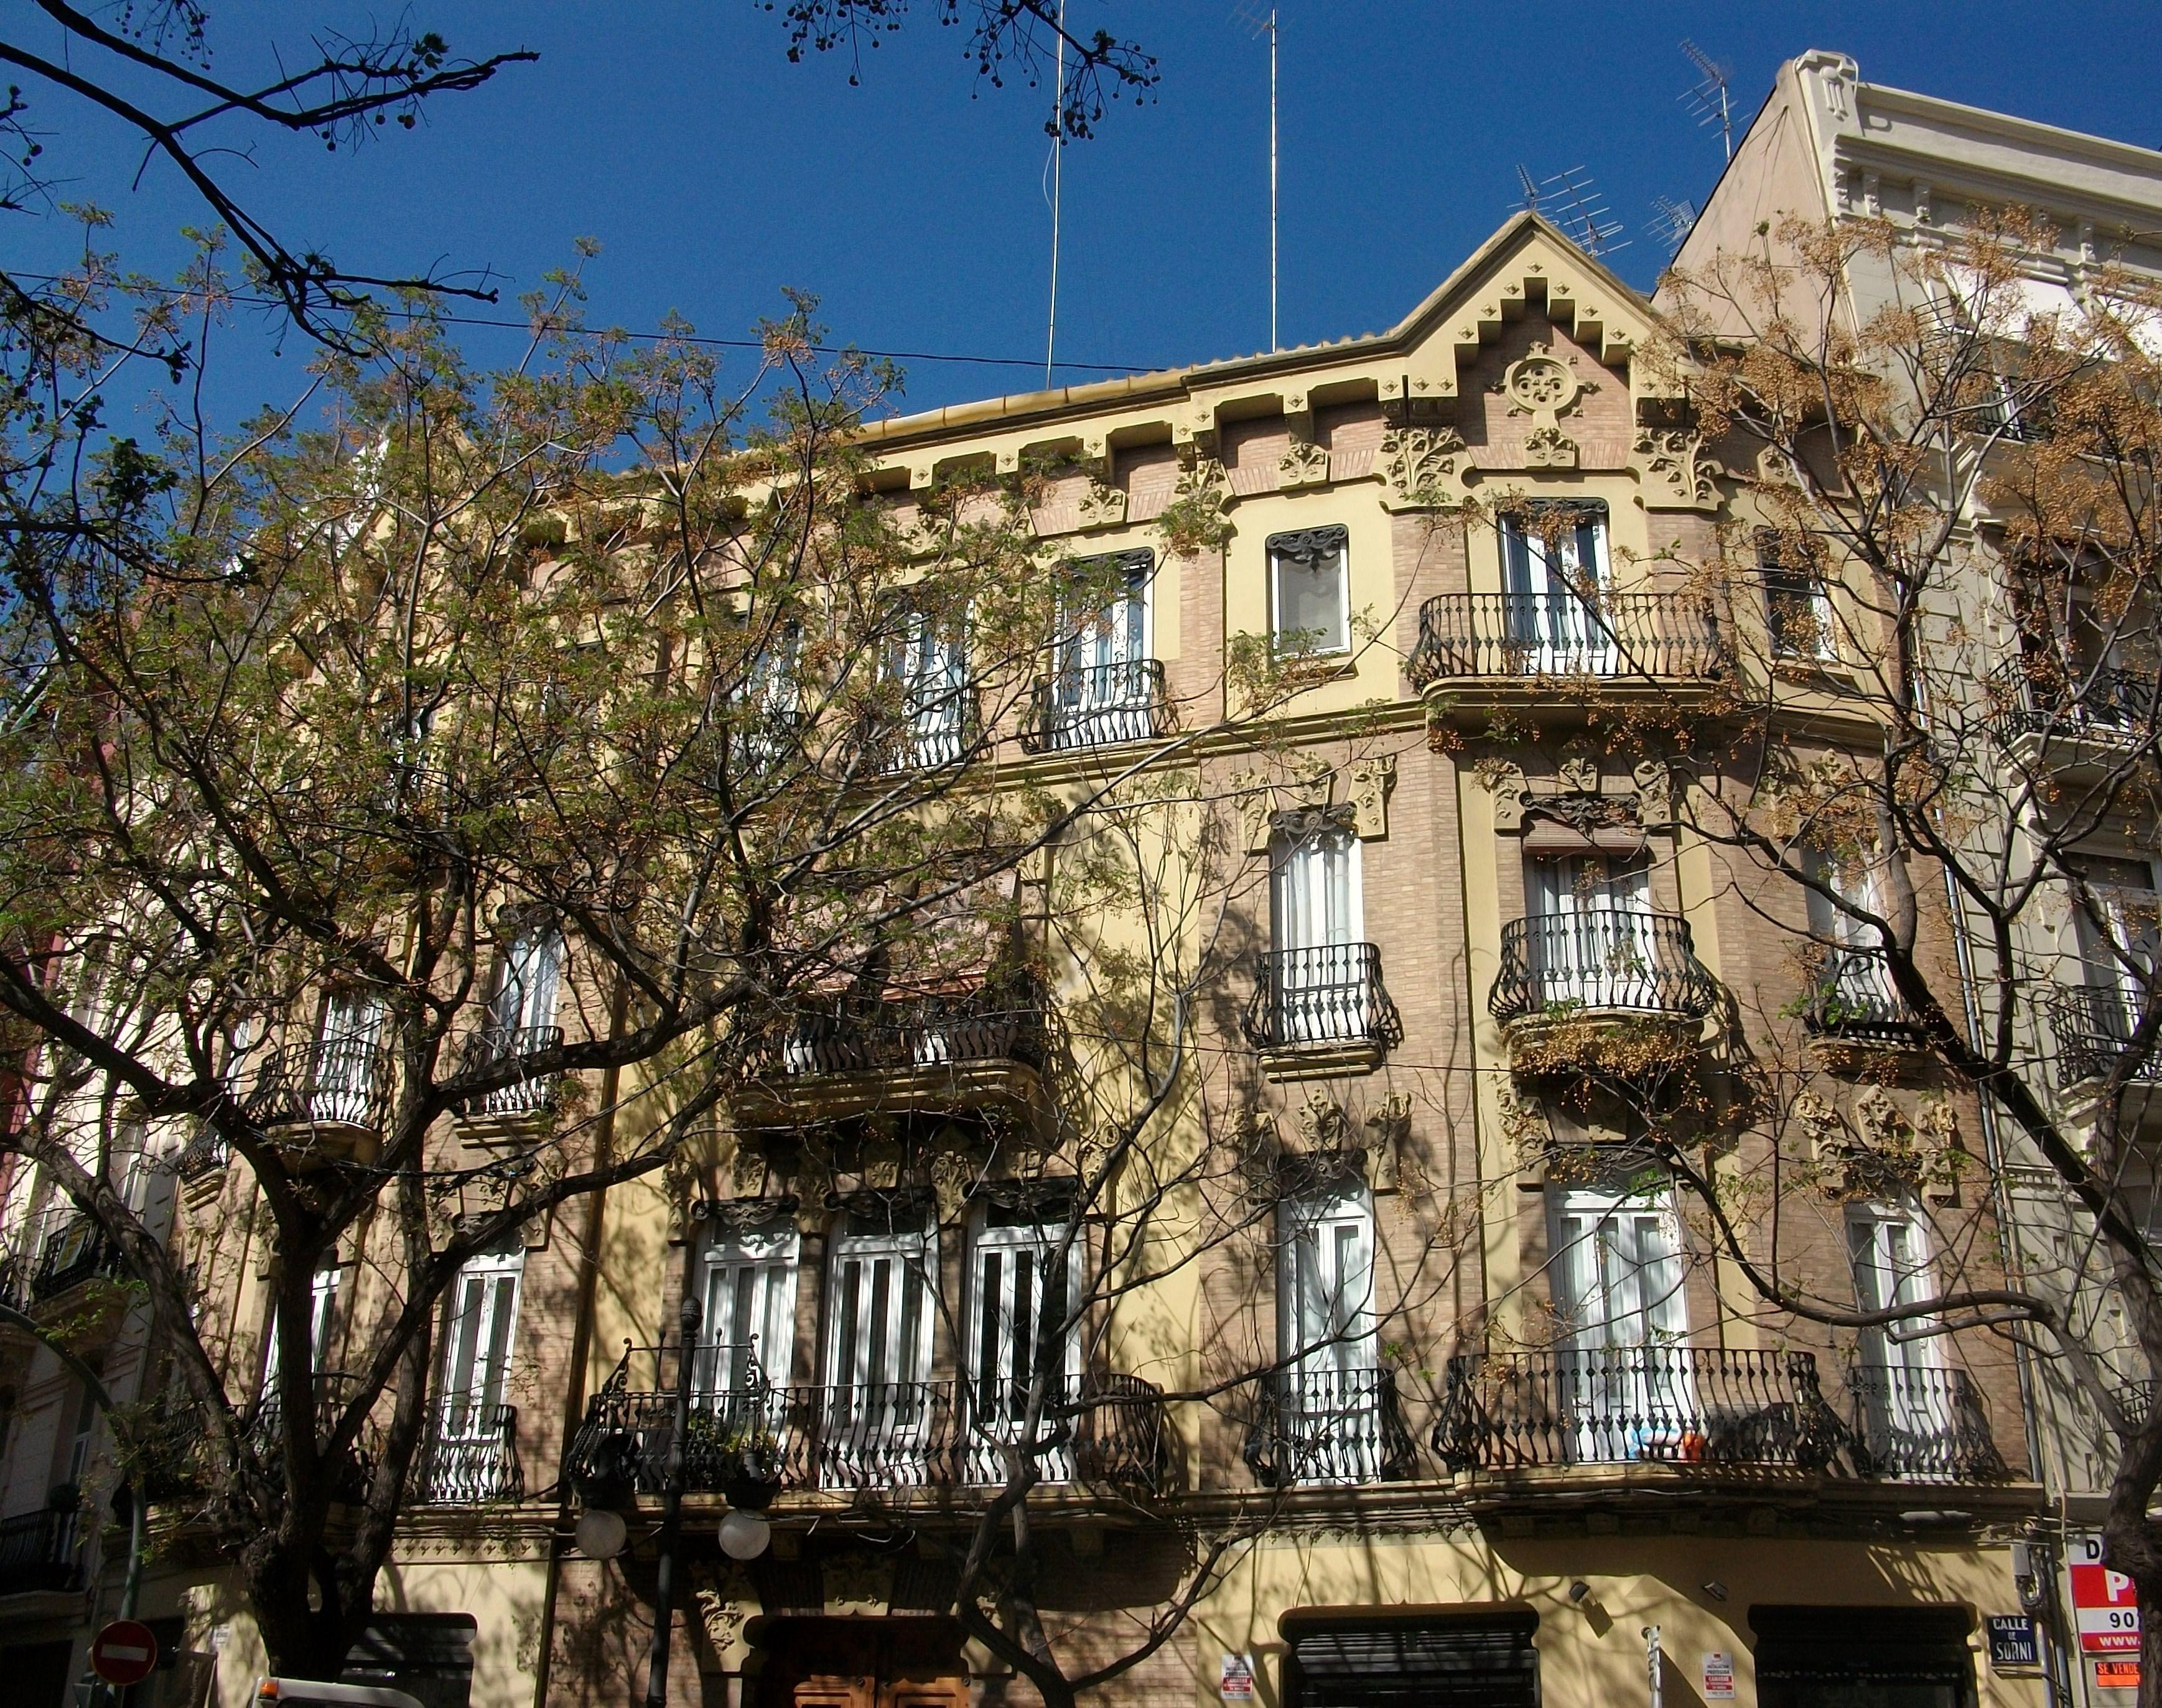 Archivo edifici cortina p rez val ncia jpg wikipedia - Cortinas valencia ...